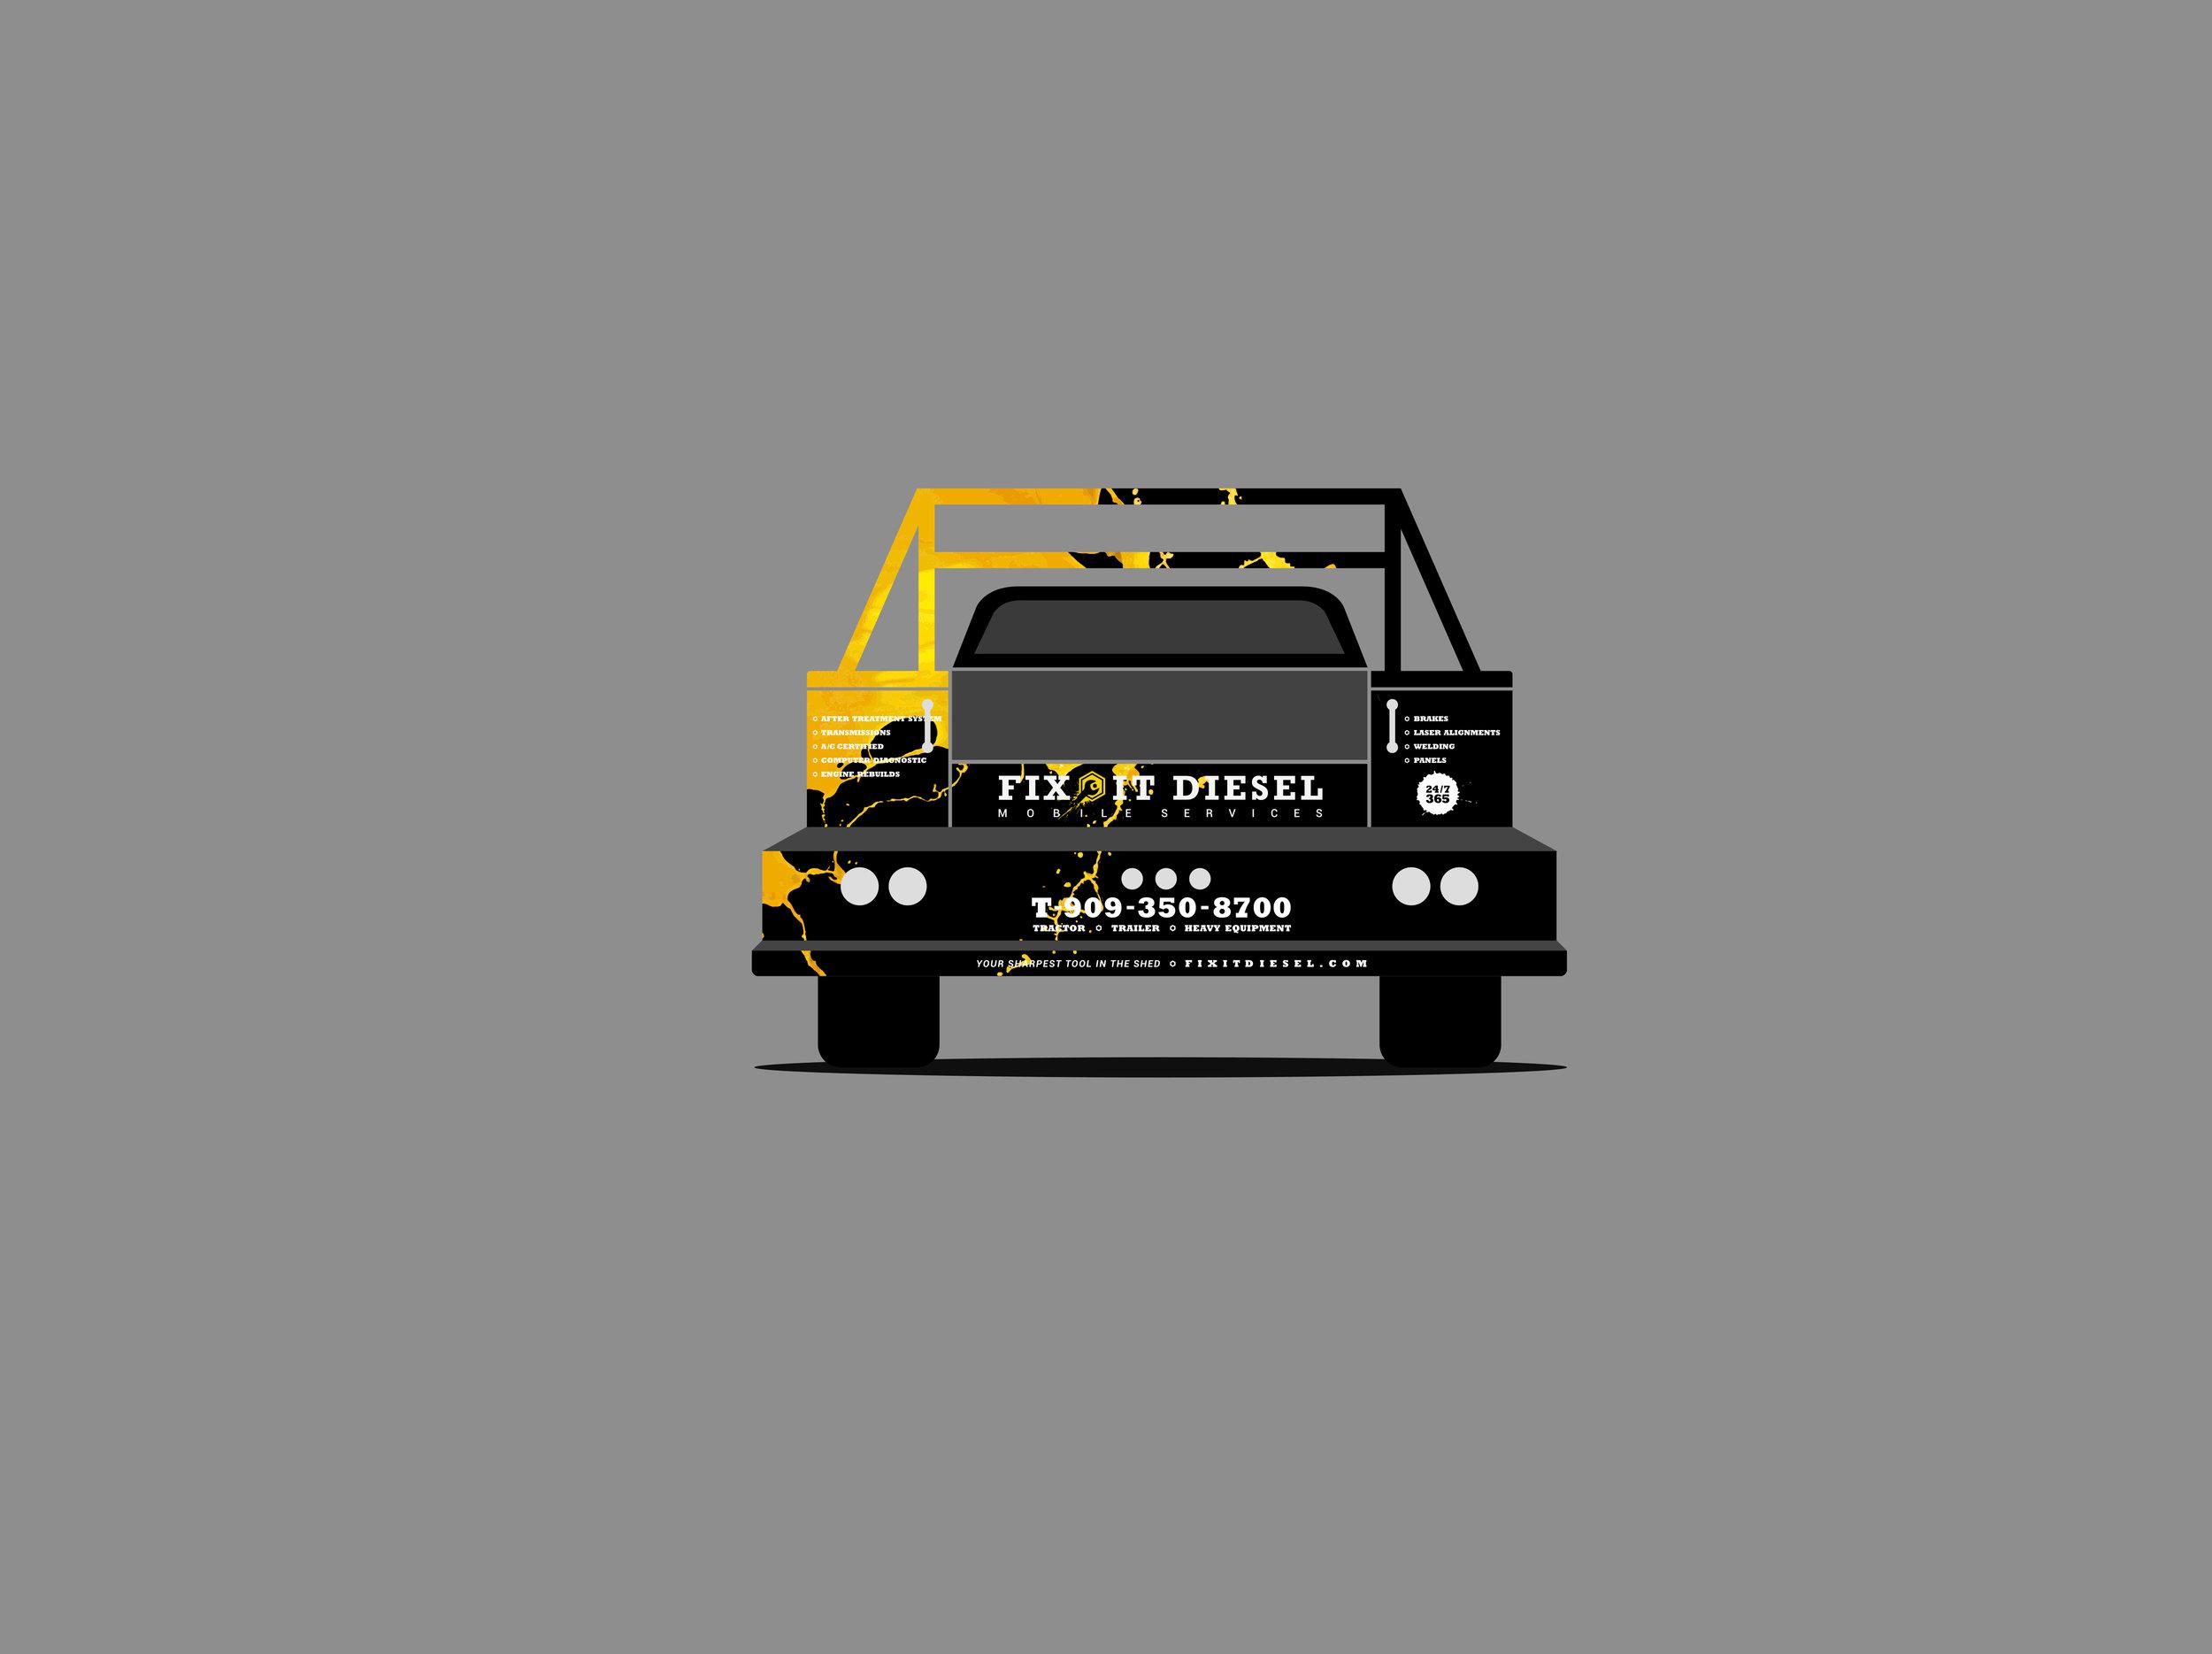 truck_back.jpg